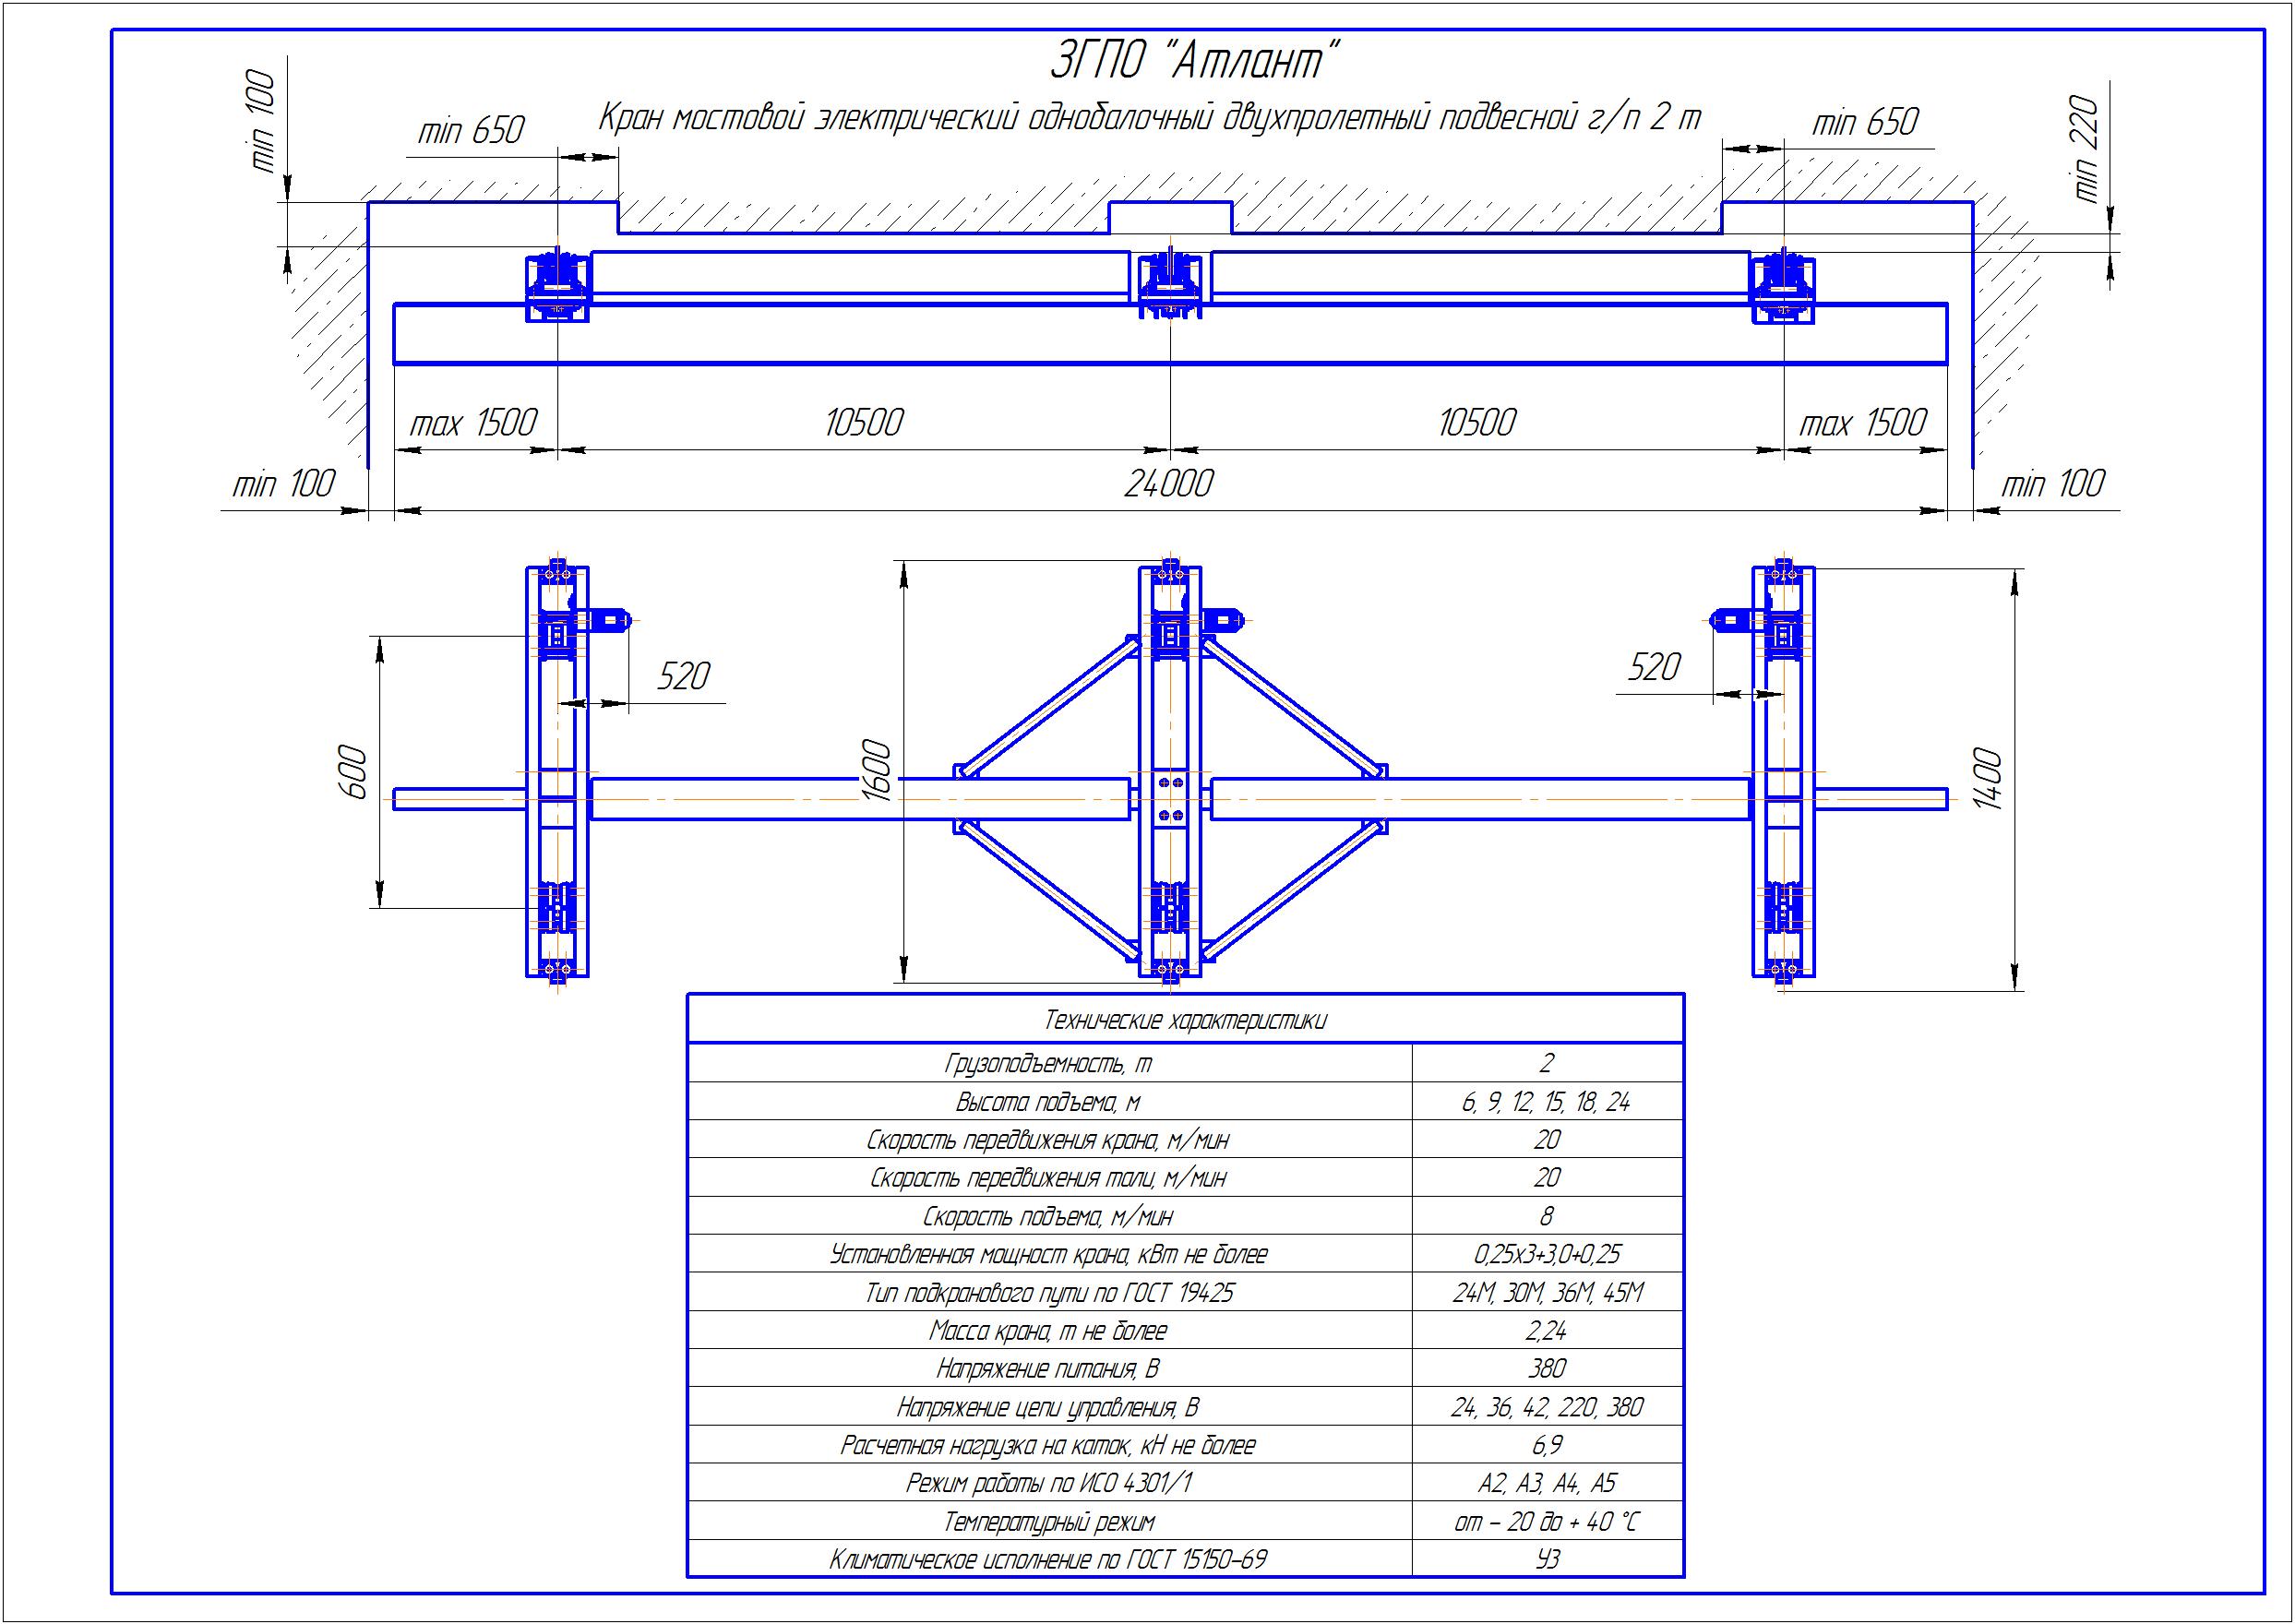 KBPD 2 3 - Подвесная кран балка двухпролетная